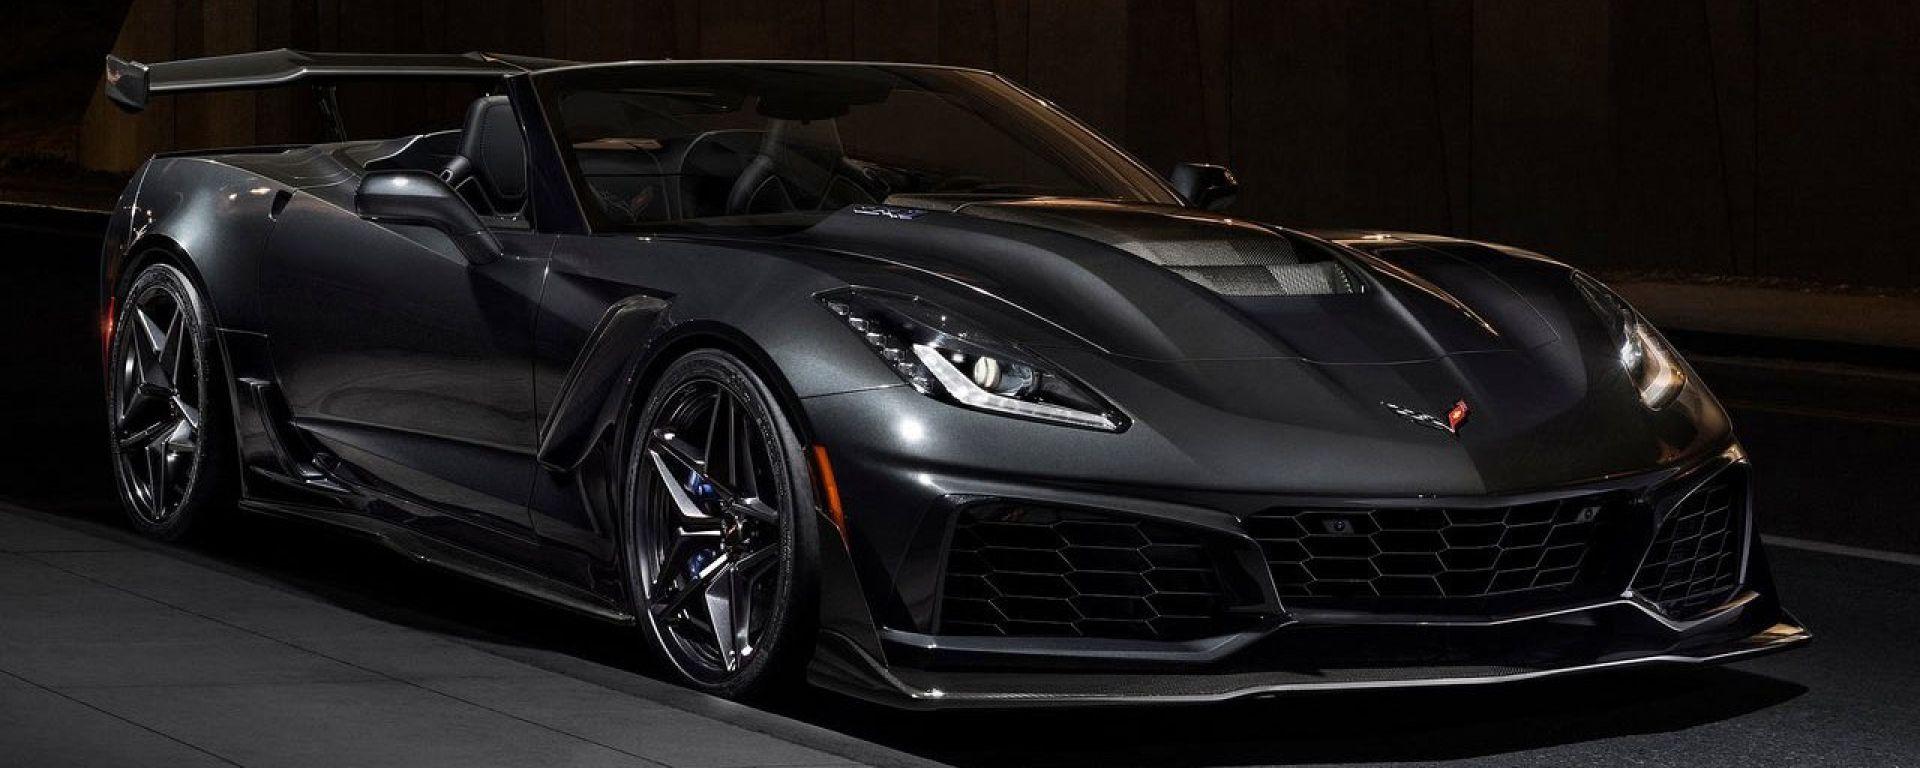 Corvette ZR1 Convertible 2019